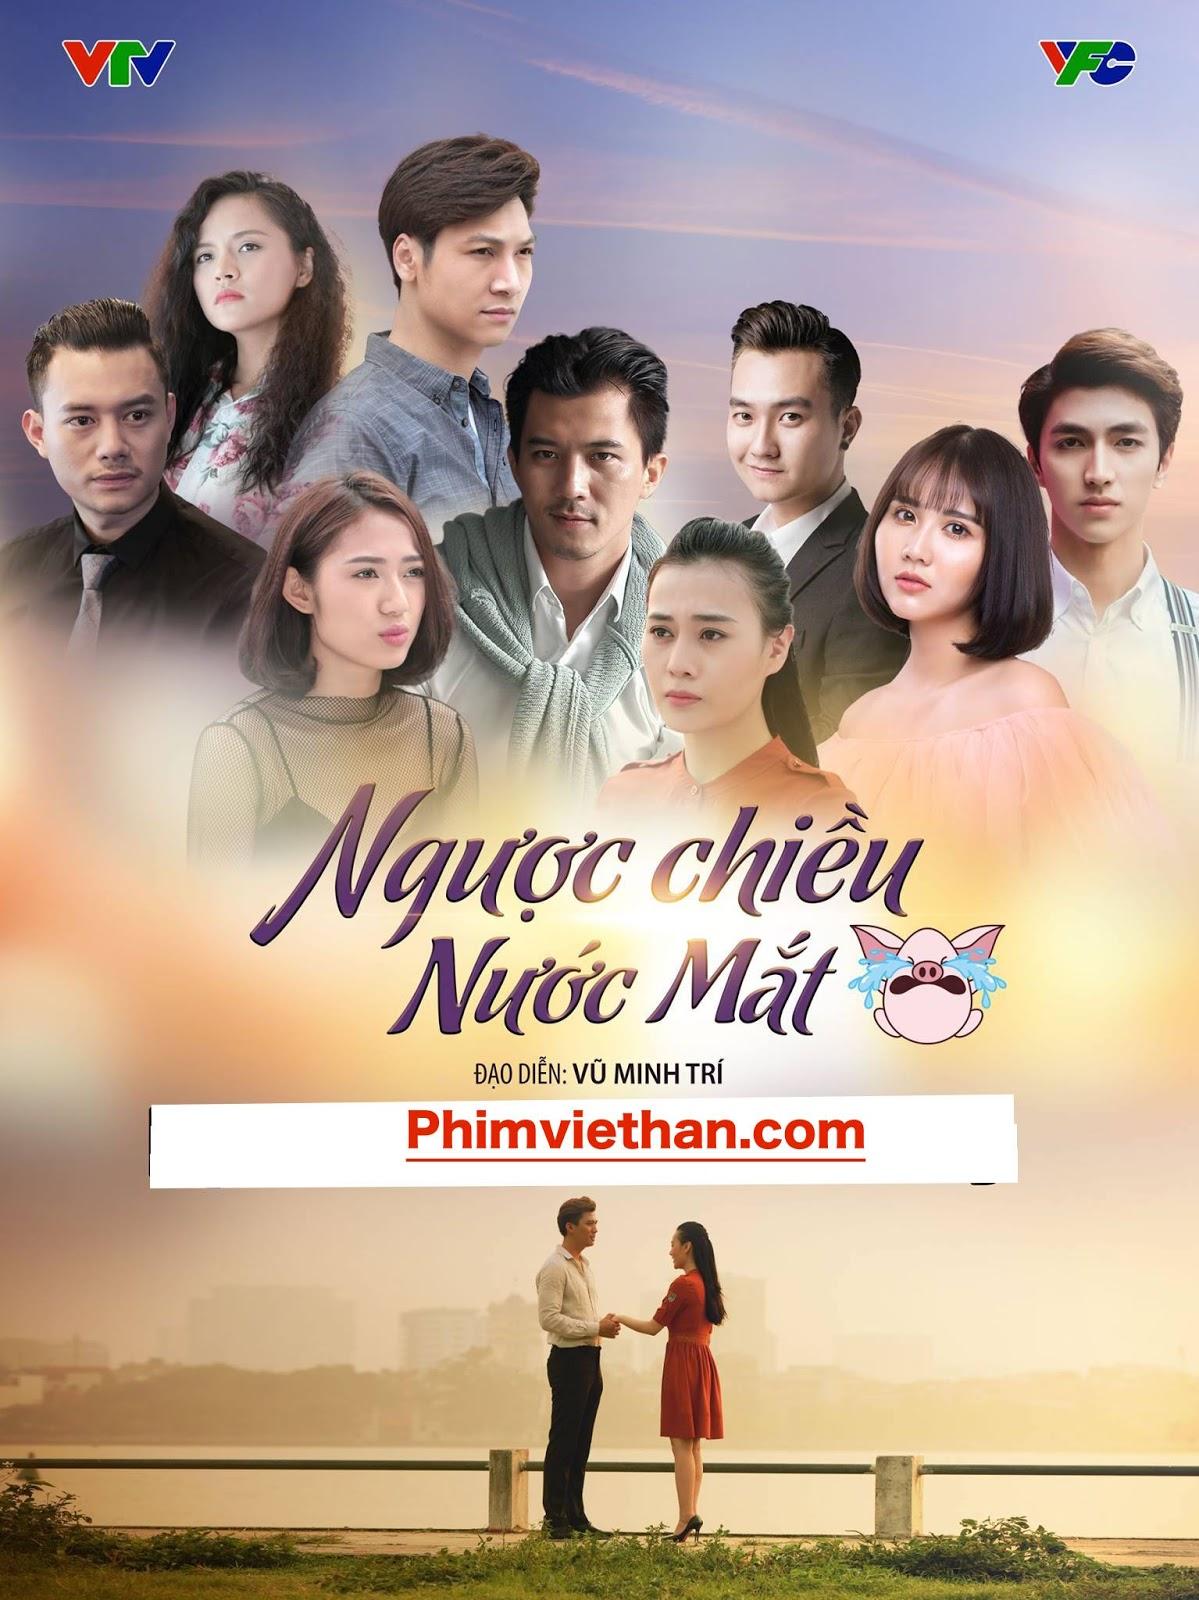 Xem Phim Ngược Chiều Nước Mắt 2017